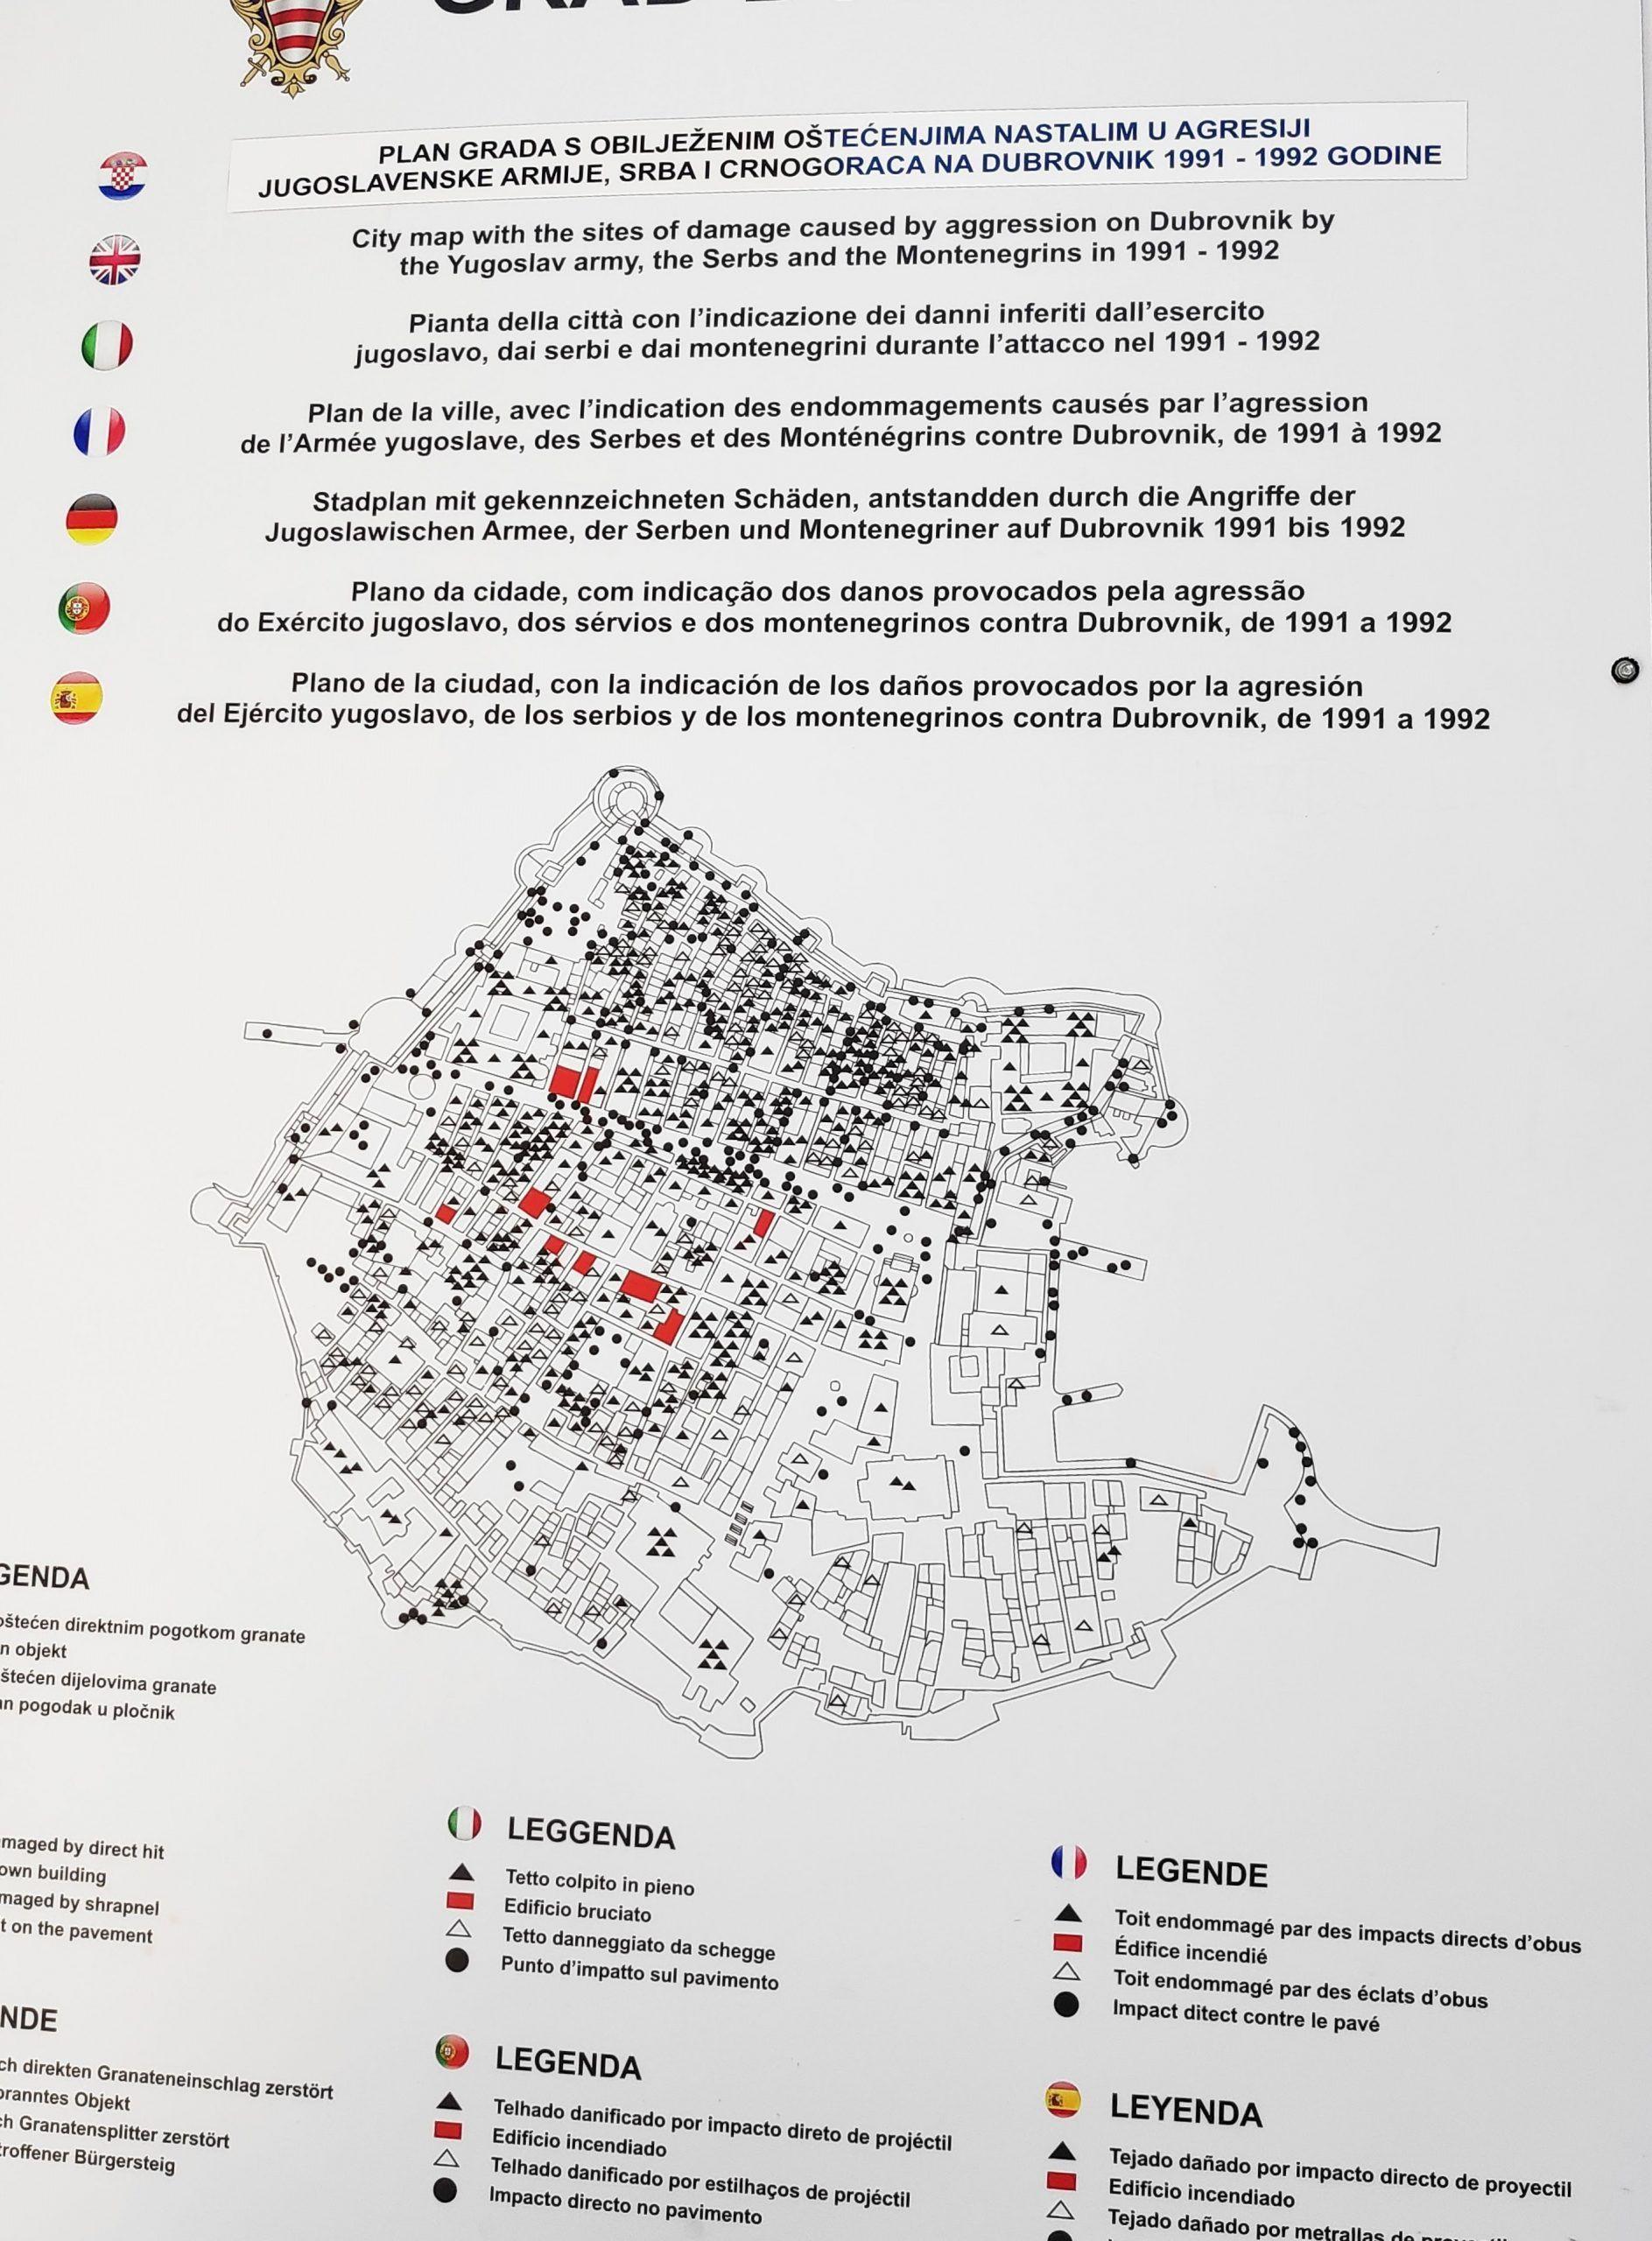 Mapa de Dubrovnik que marca las zonas de caída de las bombas a la ciudad